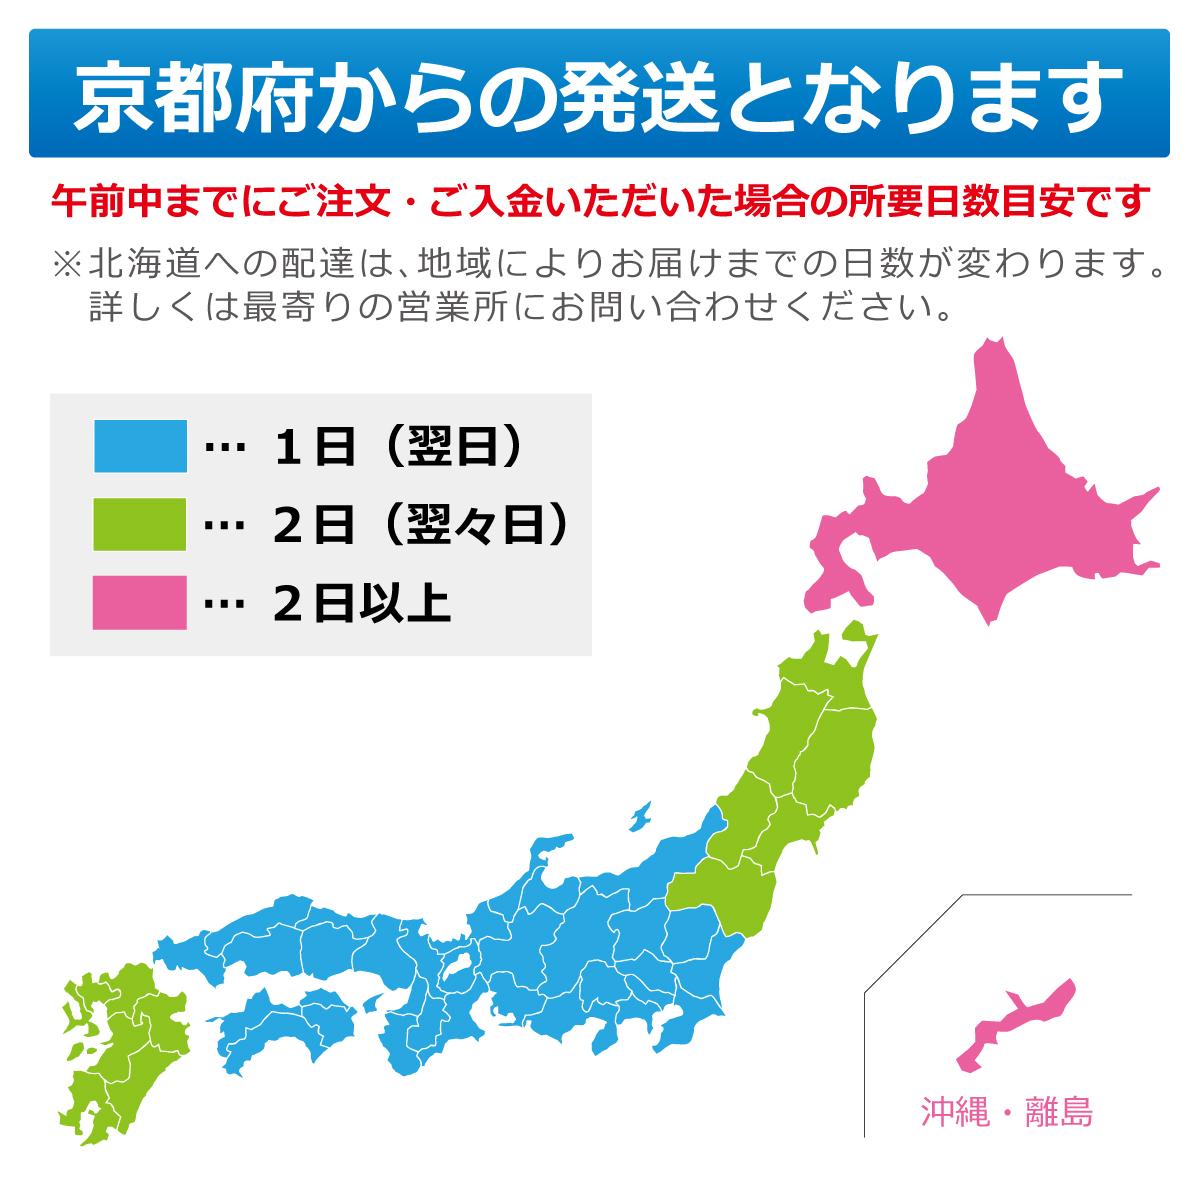 京都府からの発送となります 午前中までにご注文・ご入金いただいた場合の所要日数目安です